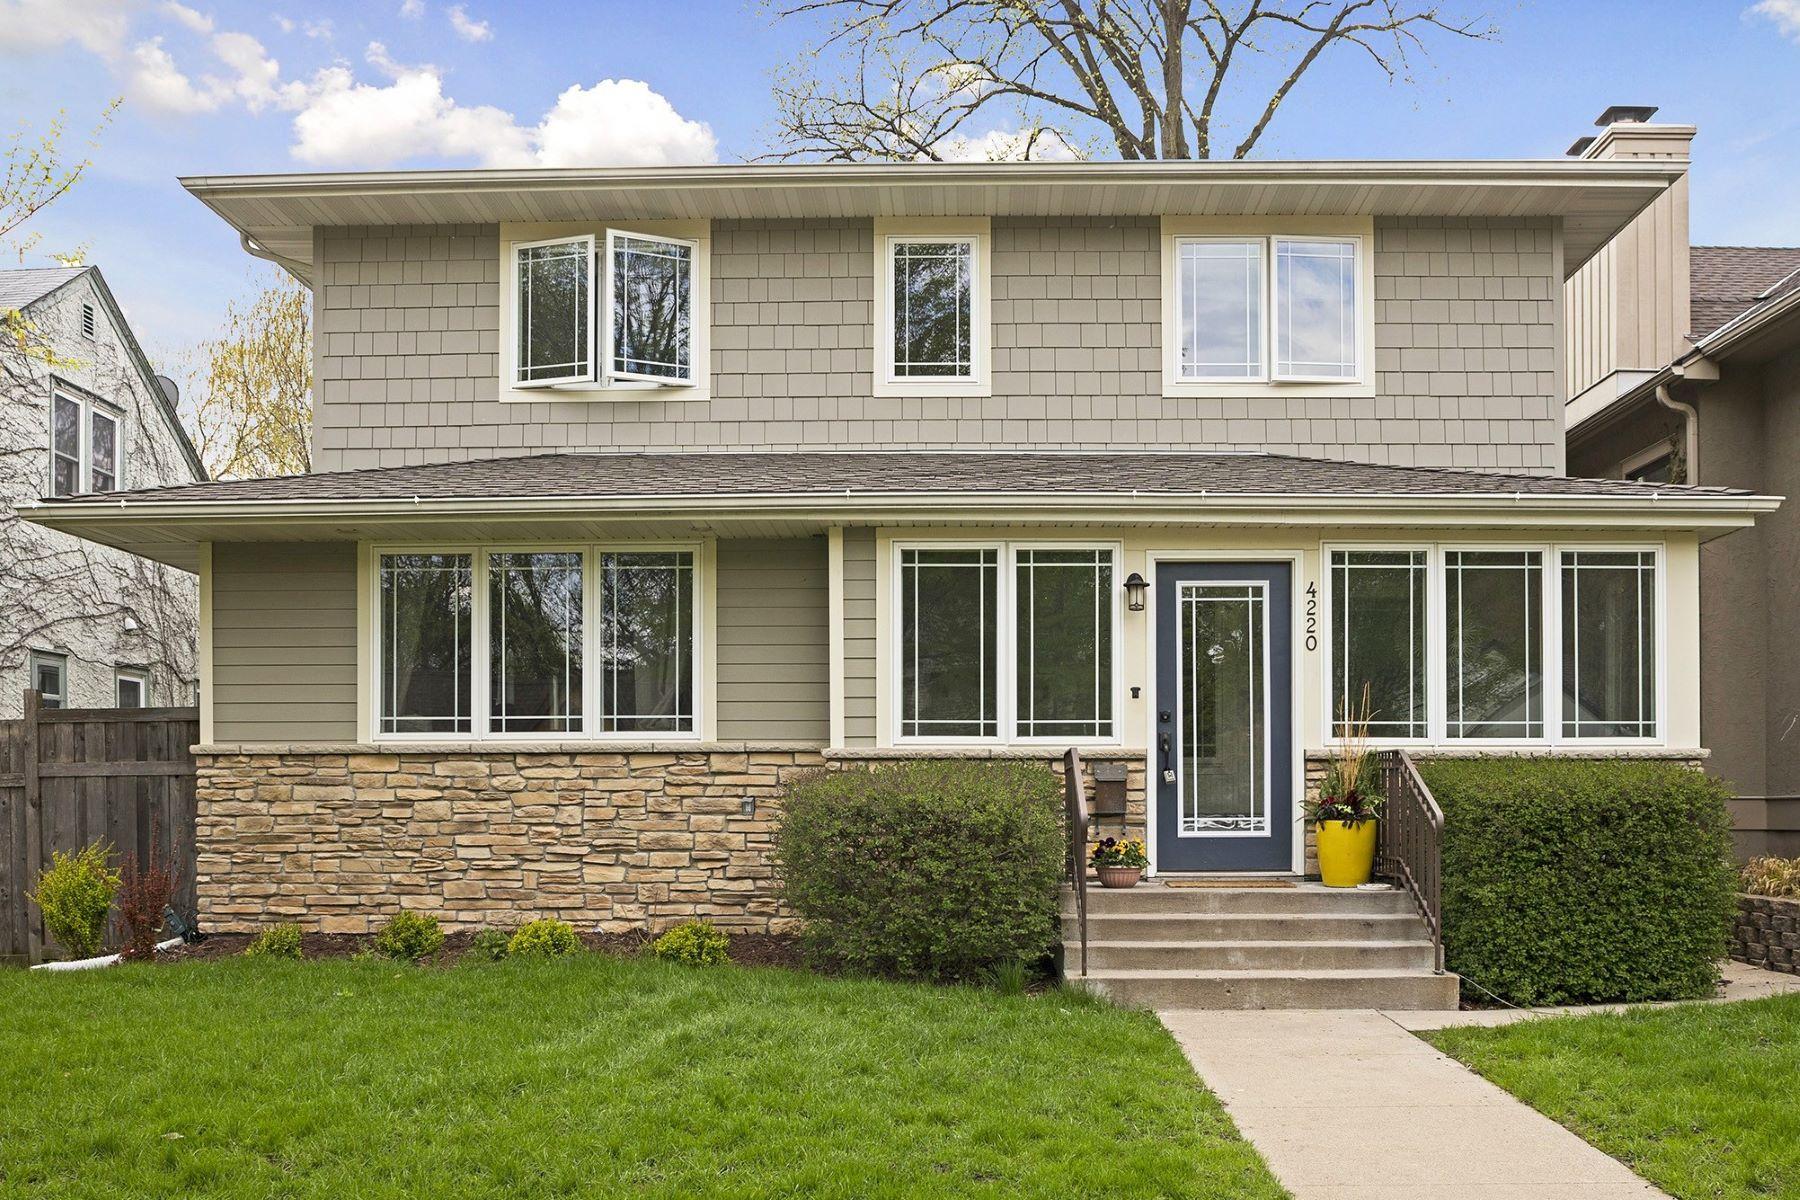 独户住宅 为 销售 在 4220 Chowen Avenue South 明尼阿波利斯市, 明尼苏达州, 55410 美国